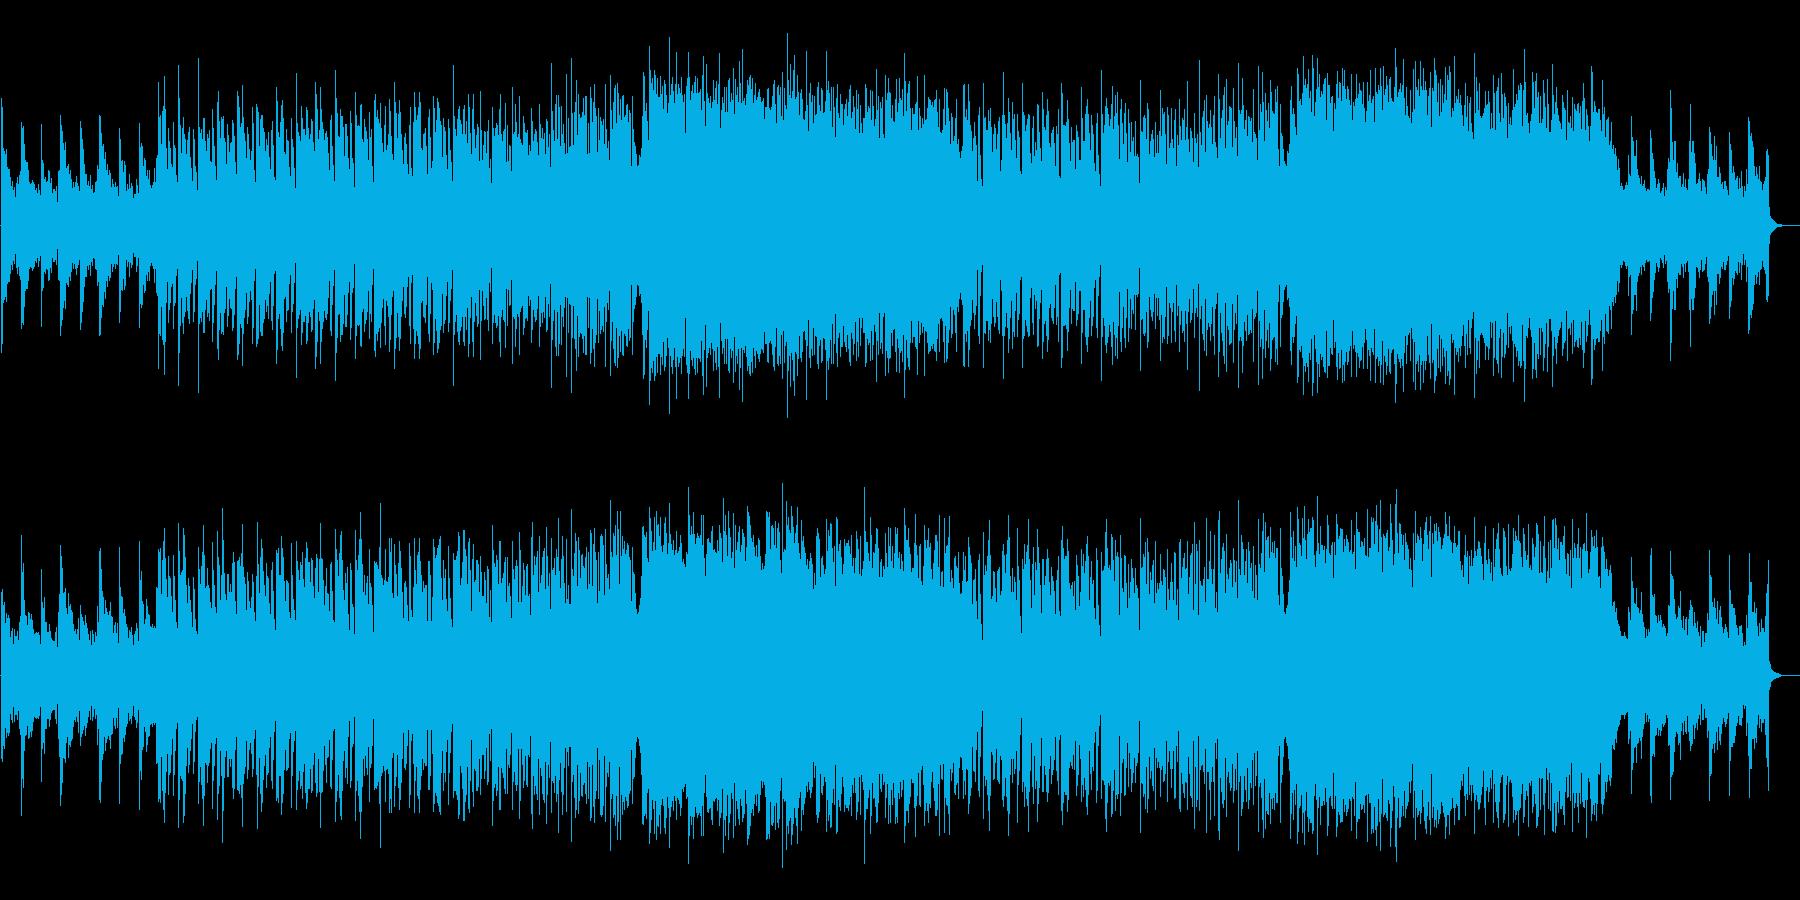 青い海のような神秘的で美しいバイオリンの再生済みの波形